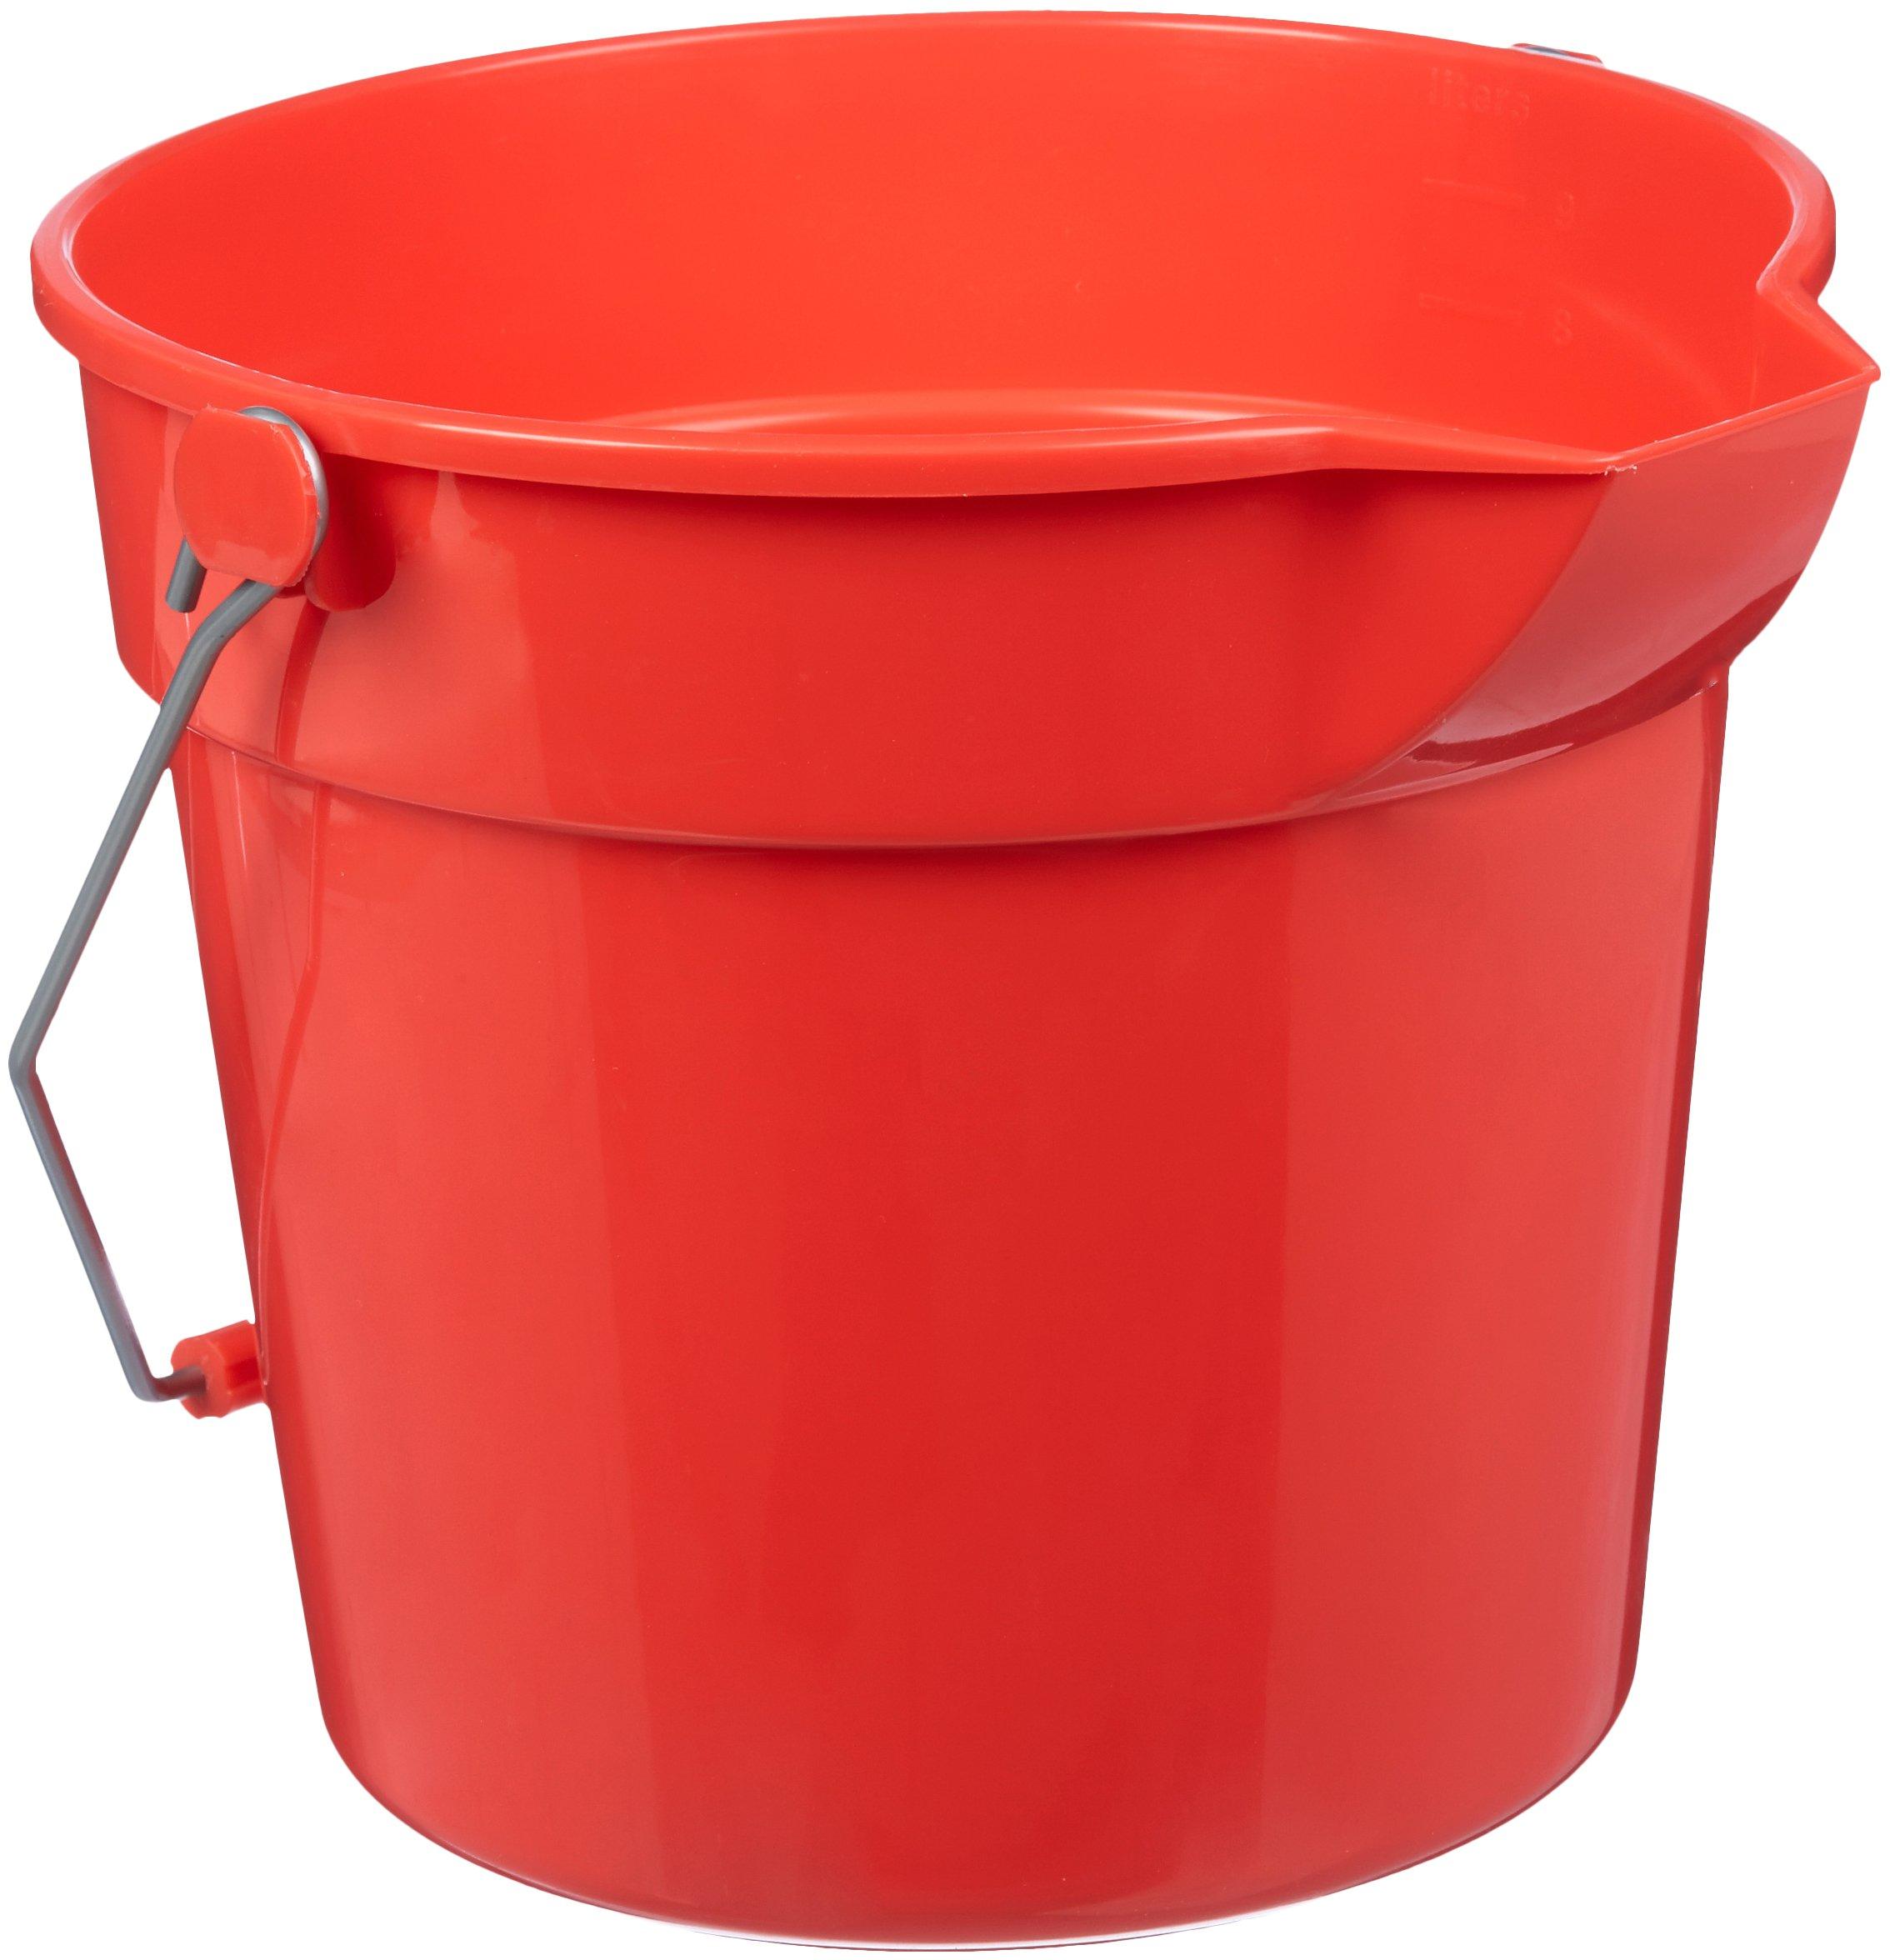 AmazonBasics 10 Quart Plastic Cleaning Bucket, Red - 6-Pack by AmazonBasics (Image #1)